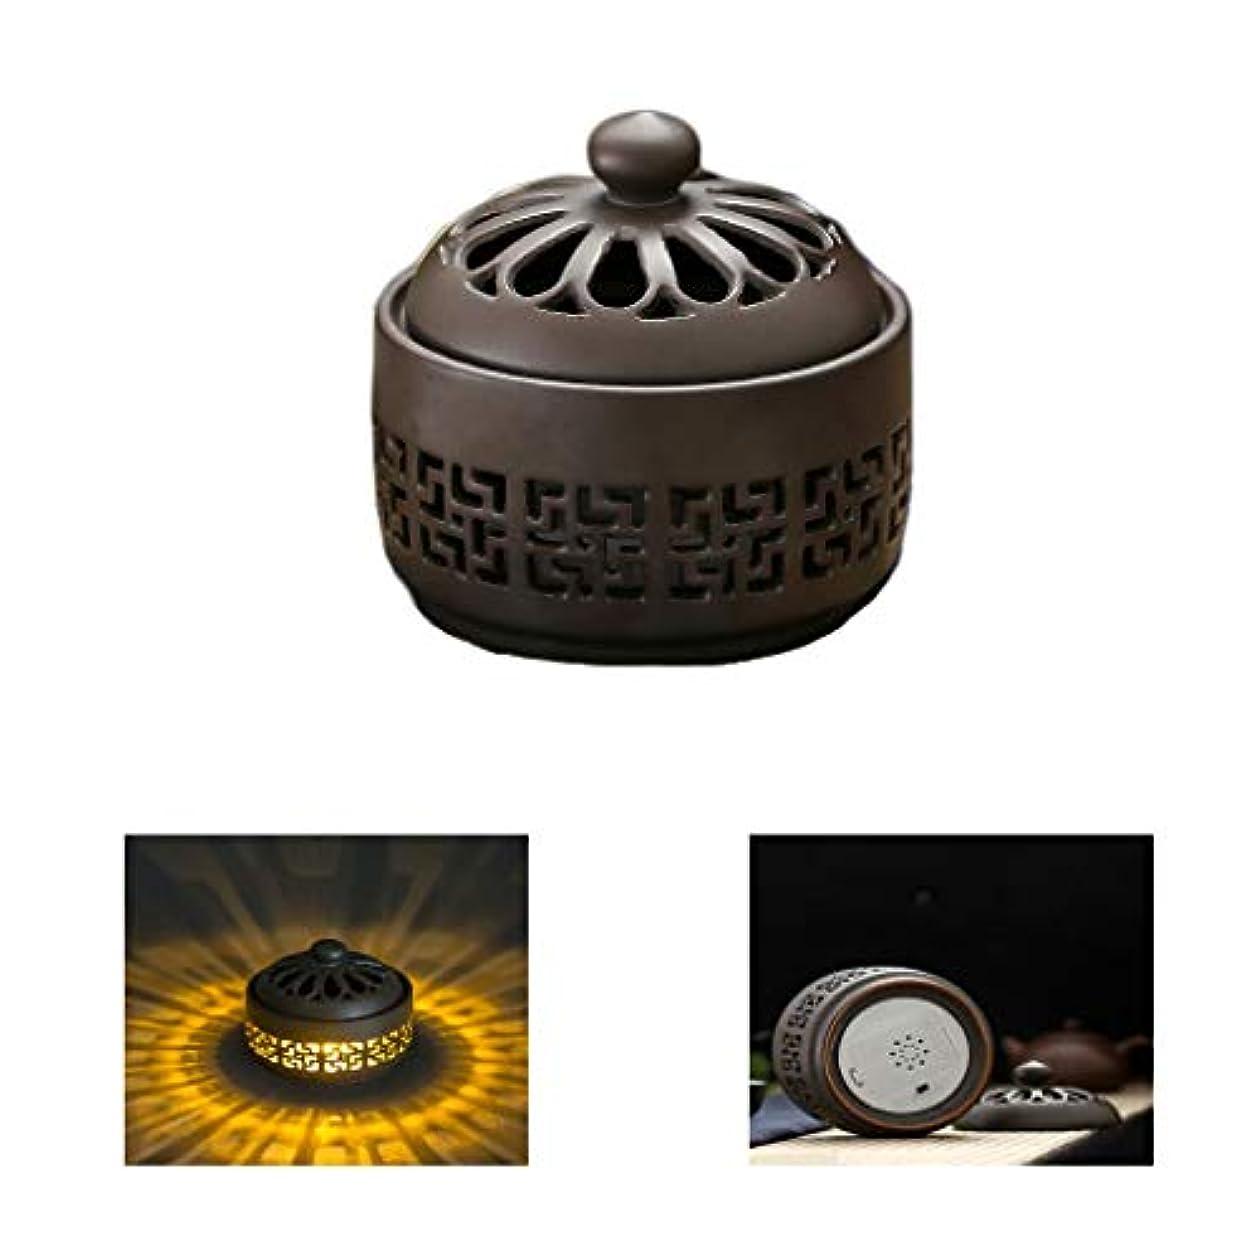 複製特殊冷淡なホームアロマバーナー LED暖かい光香バーナーレトロノスタルジックなセラミック香炉高温アロマセラピー炉 アロマバーナー (Color : Earth tones)